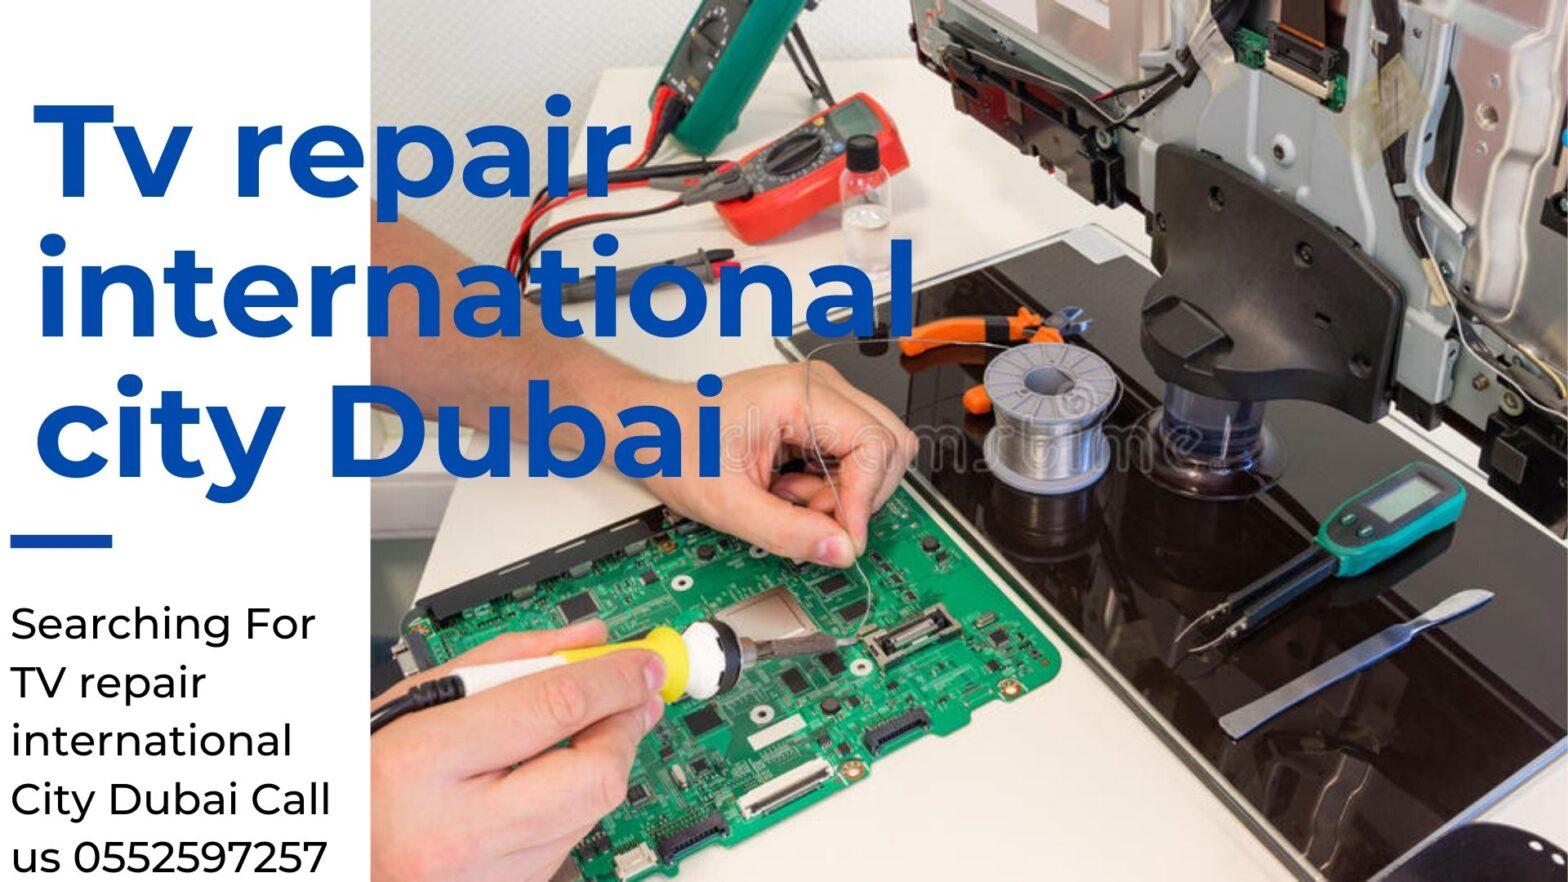 TV repair international City Dubai